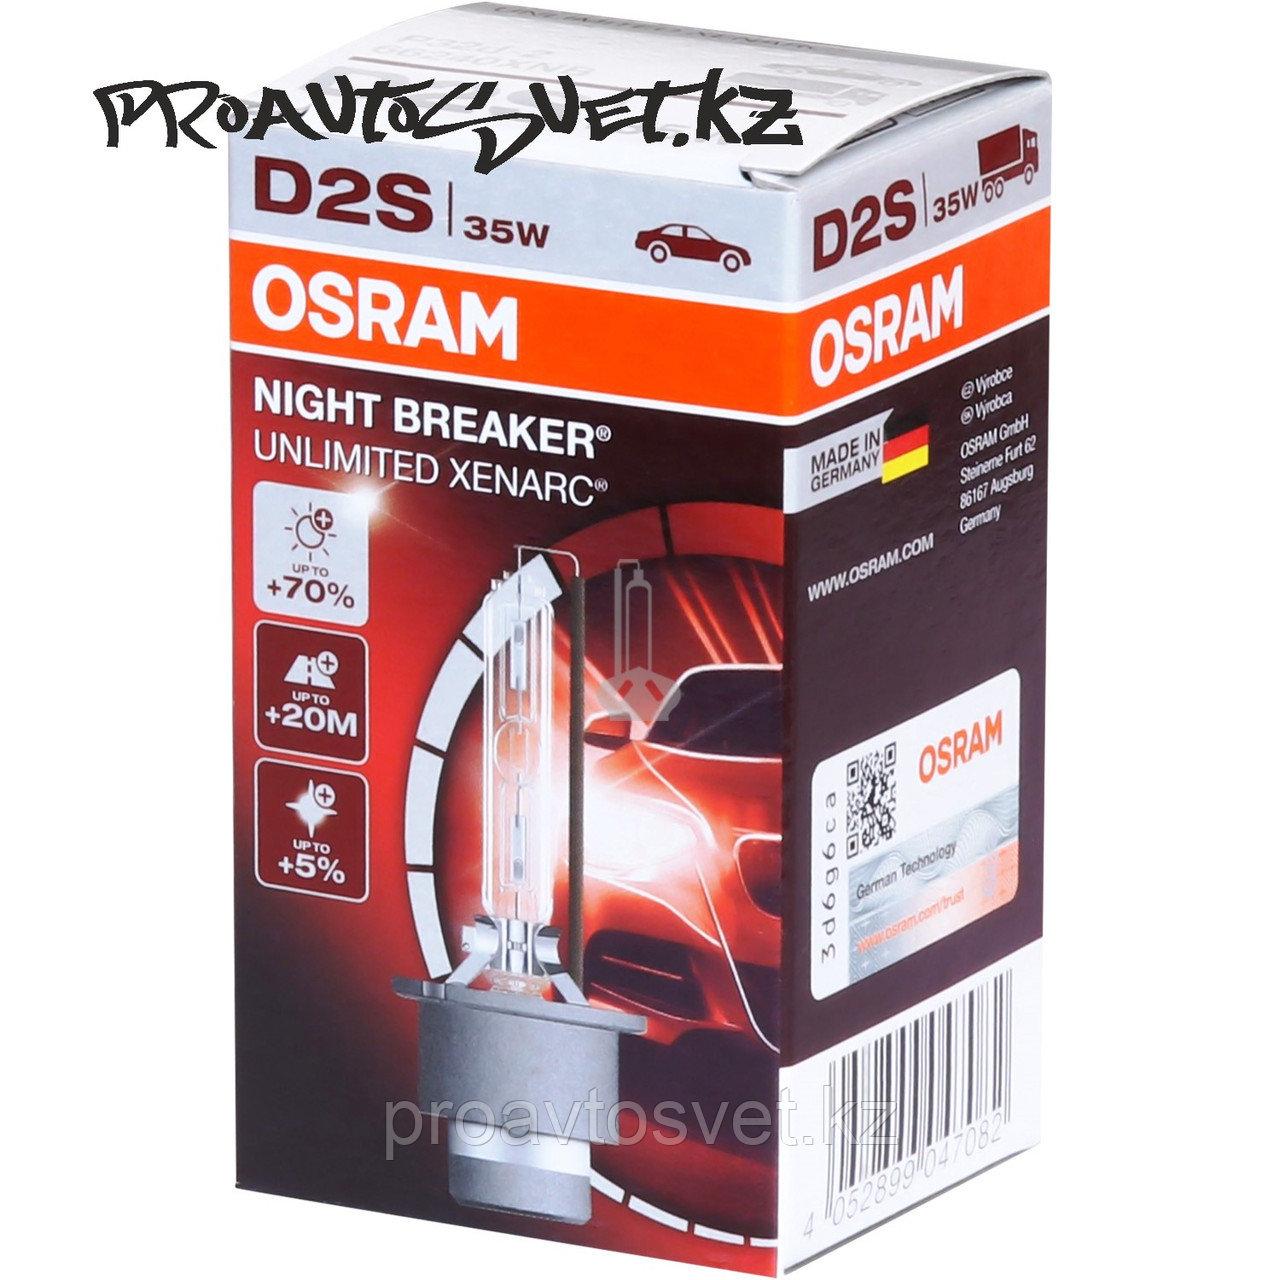 Лампы D2S OSRAM XENARC Nightbreaker Unlimited (+70%)